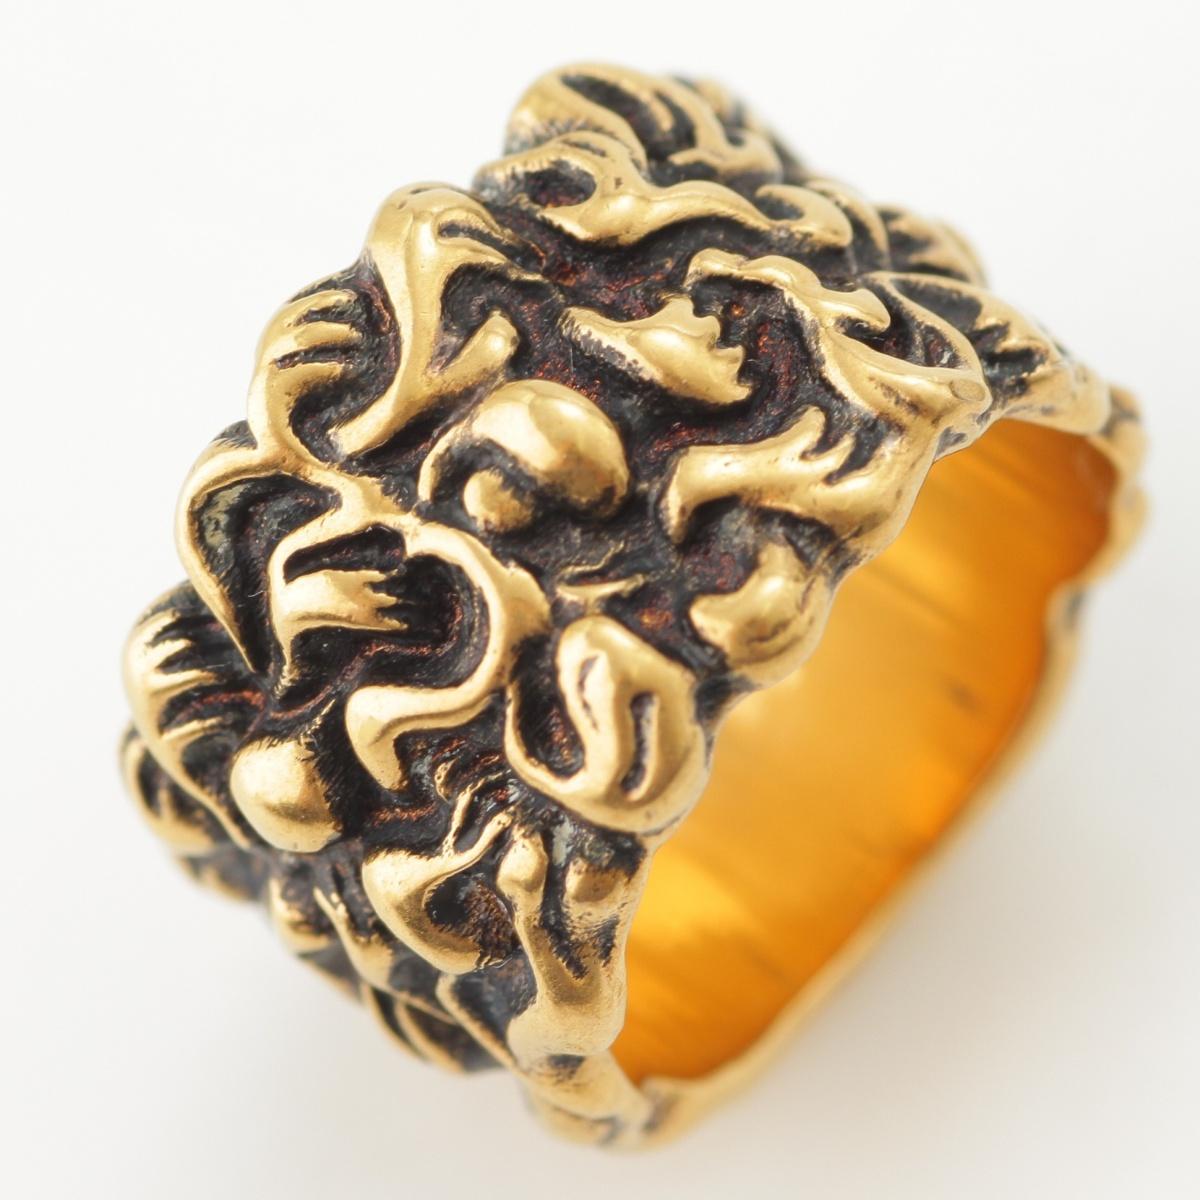 【グッチ】Gucci ライオン たてがみ リング 指輪 476854 ゴールド M 15号 【中古】【鑑定済・正規品保証】65500